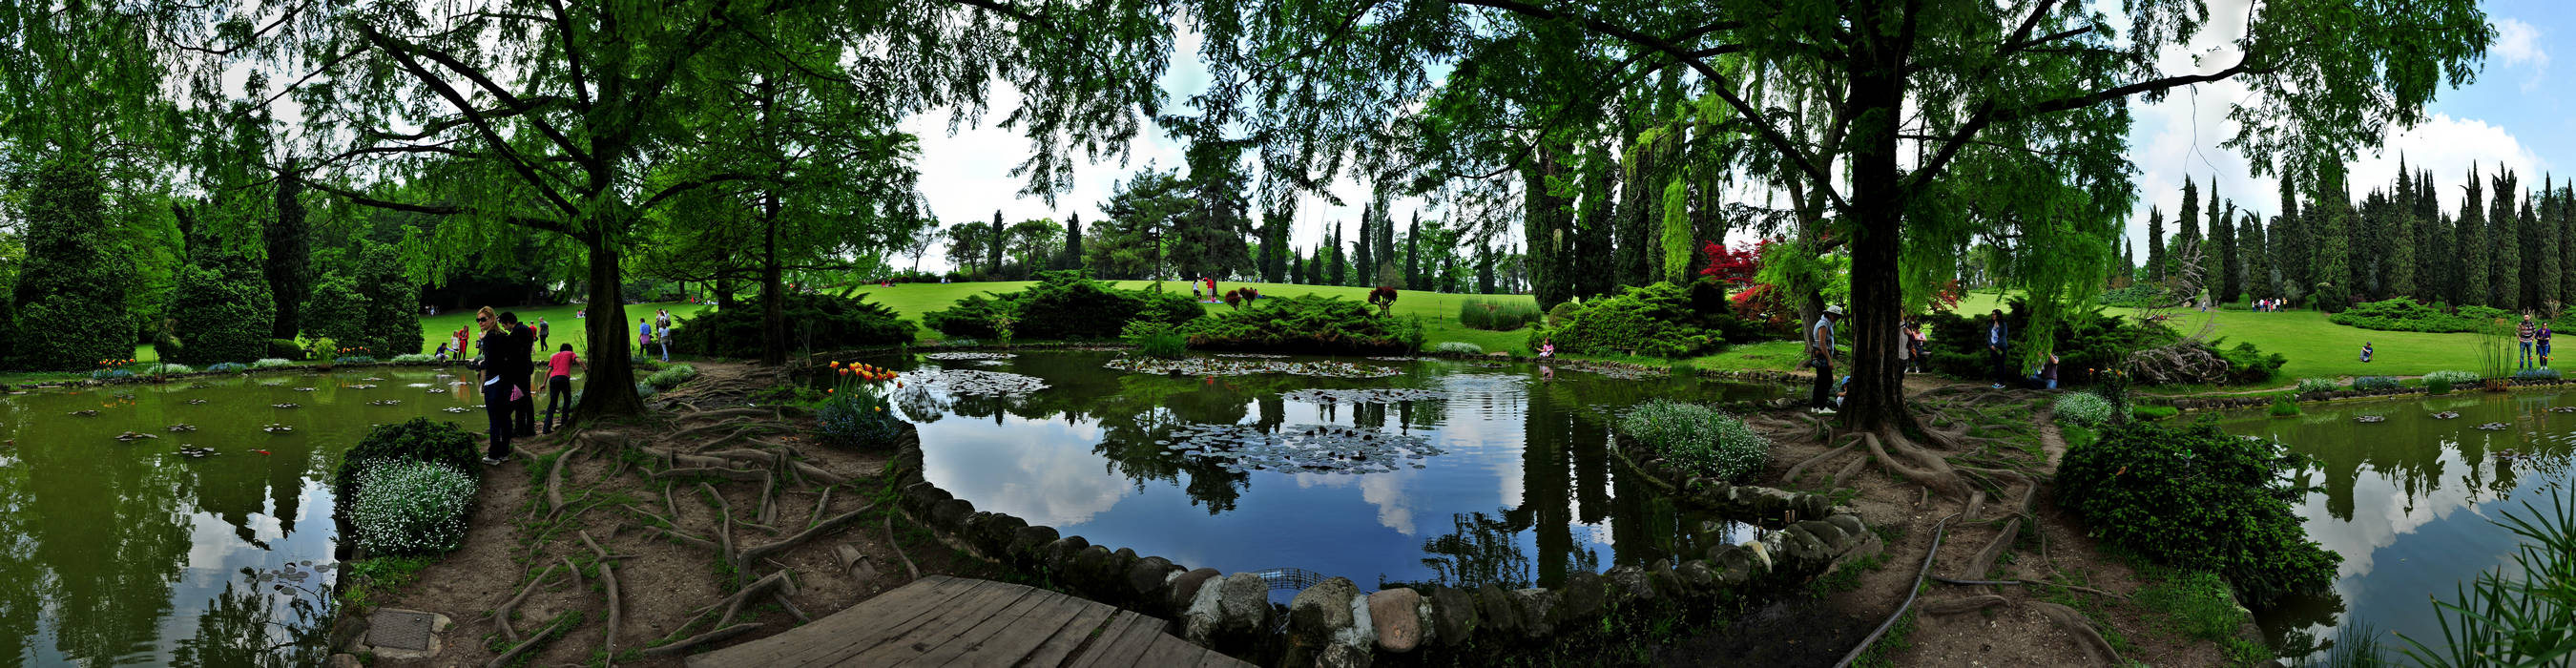 Parco giardino sigurt a valeggio sul mincio nelle colline moreniche del lago di garda verona - Parco giardino sigurta valeggio sul mincio vr ...